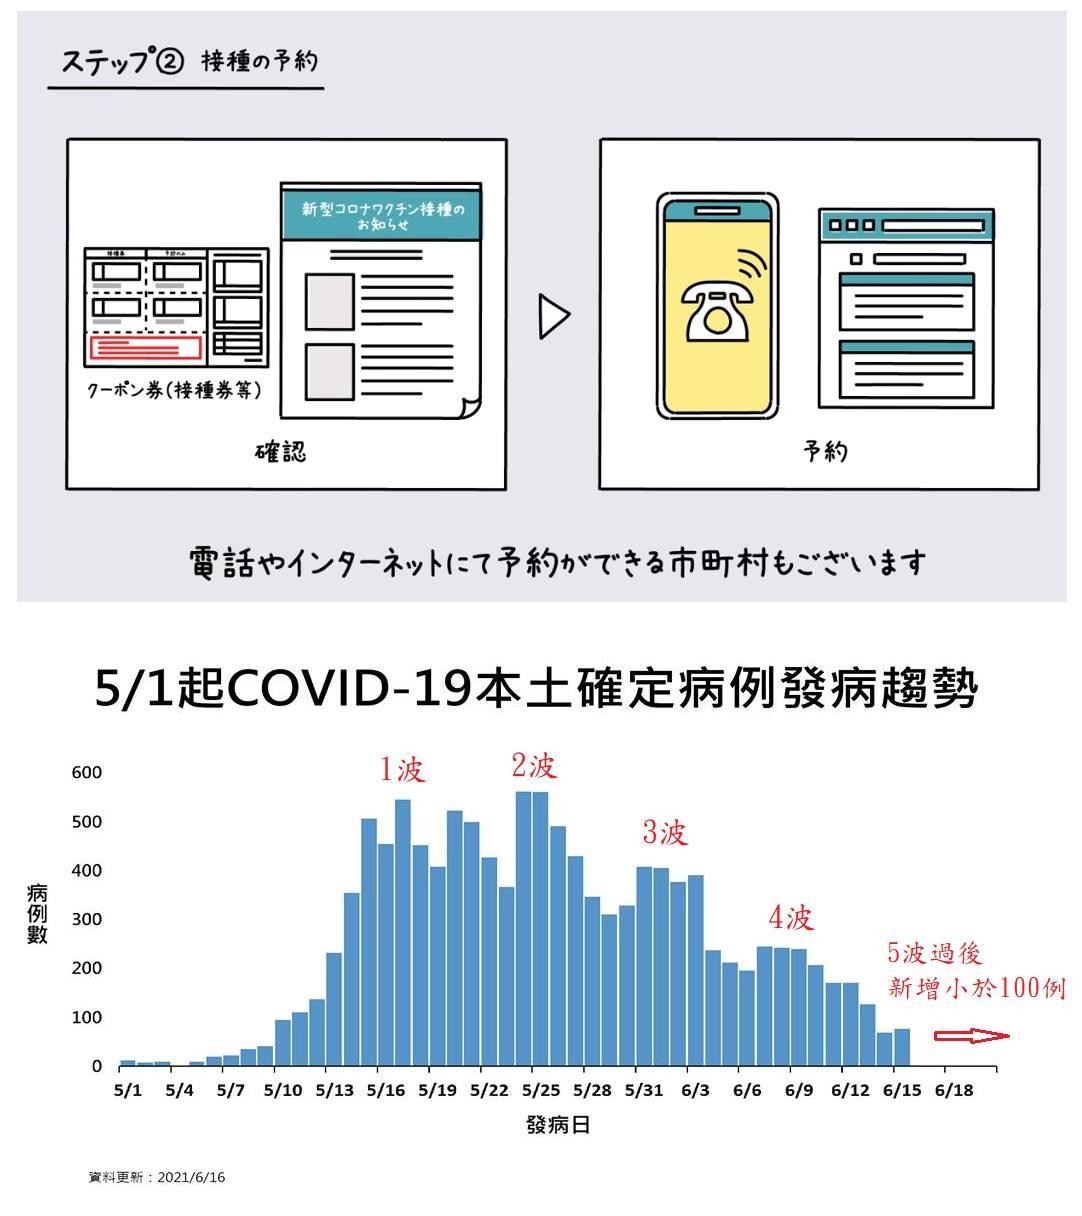 疫苗,COVID-19,廣篩,篩檢,疫調,隔離,施打券